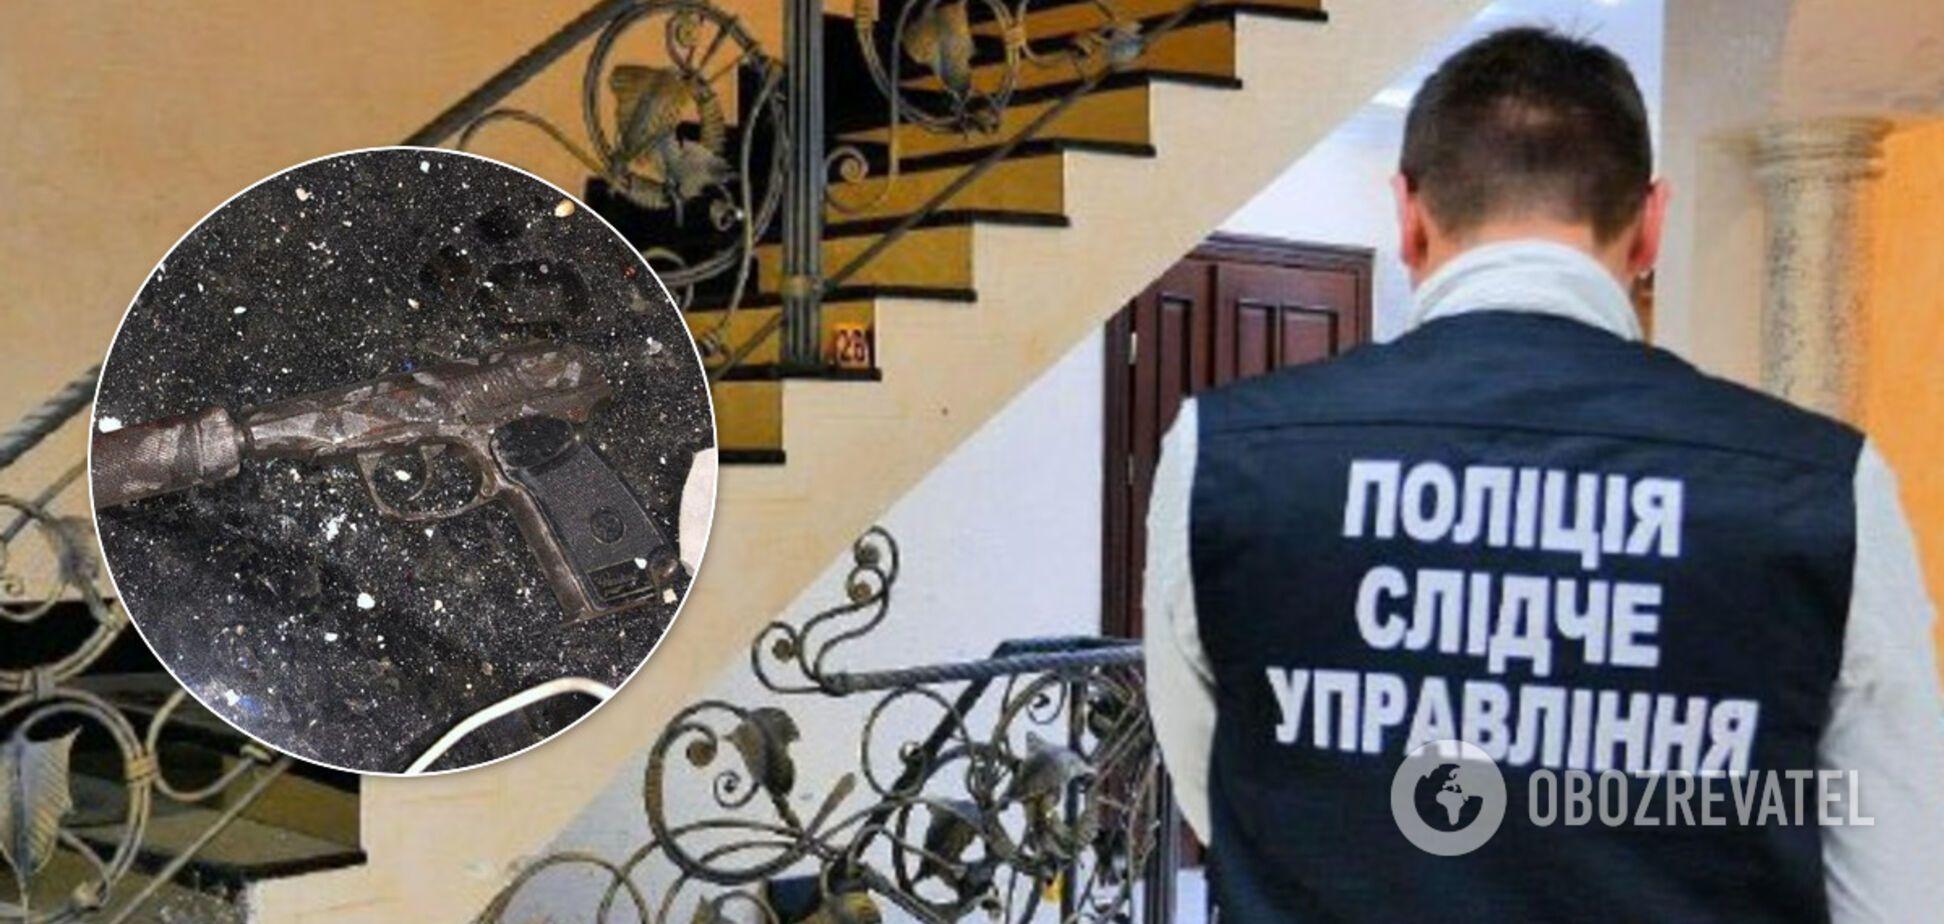 В Черновицкой области иностранец устроил стрельбу на месте преступления и ранил копов. Фото